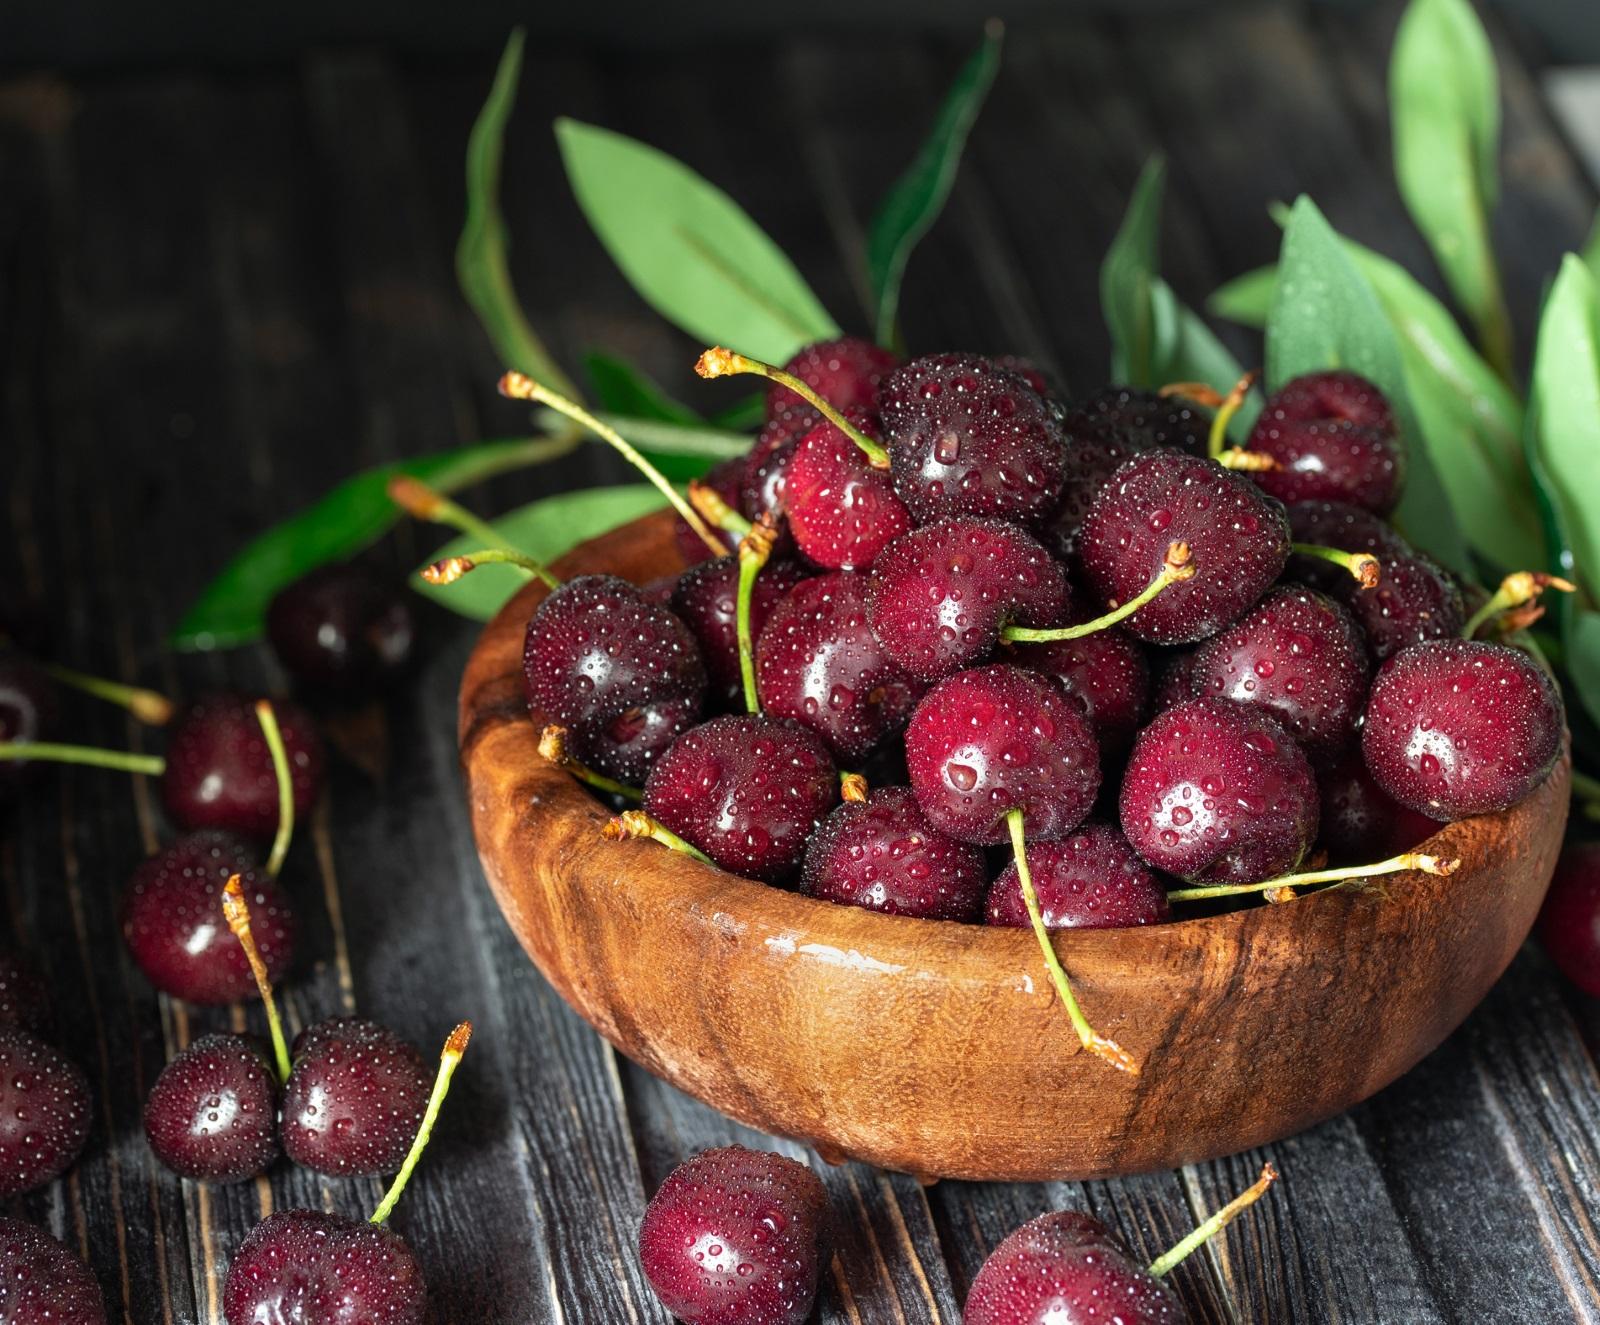 Черешите помагат срещу подагра и артрит. Ако не знаете нищо за тези болести, яжте череши, за да си останете в неведение. Черешите съдържат антиоксиданти, които, освен за здравето, се грижат и за красотата ви. Закусвайте с тях сутрин, яжте ги вместо следобеден шоколад, изобщо – злоупотребявайте с тях както намерите на добре.